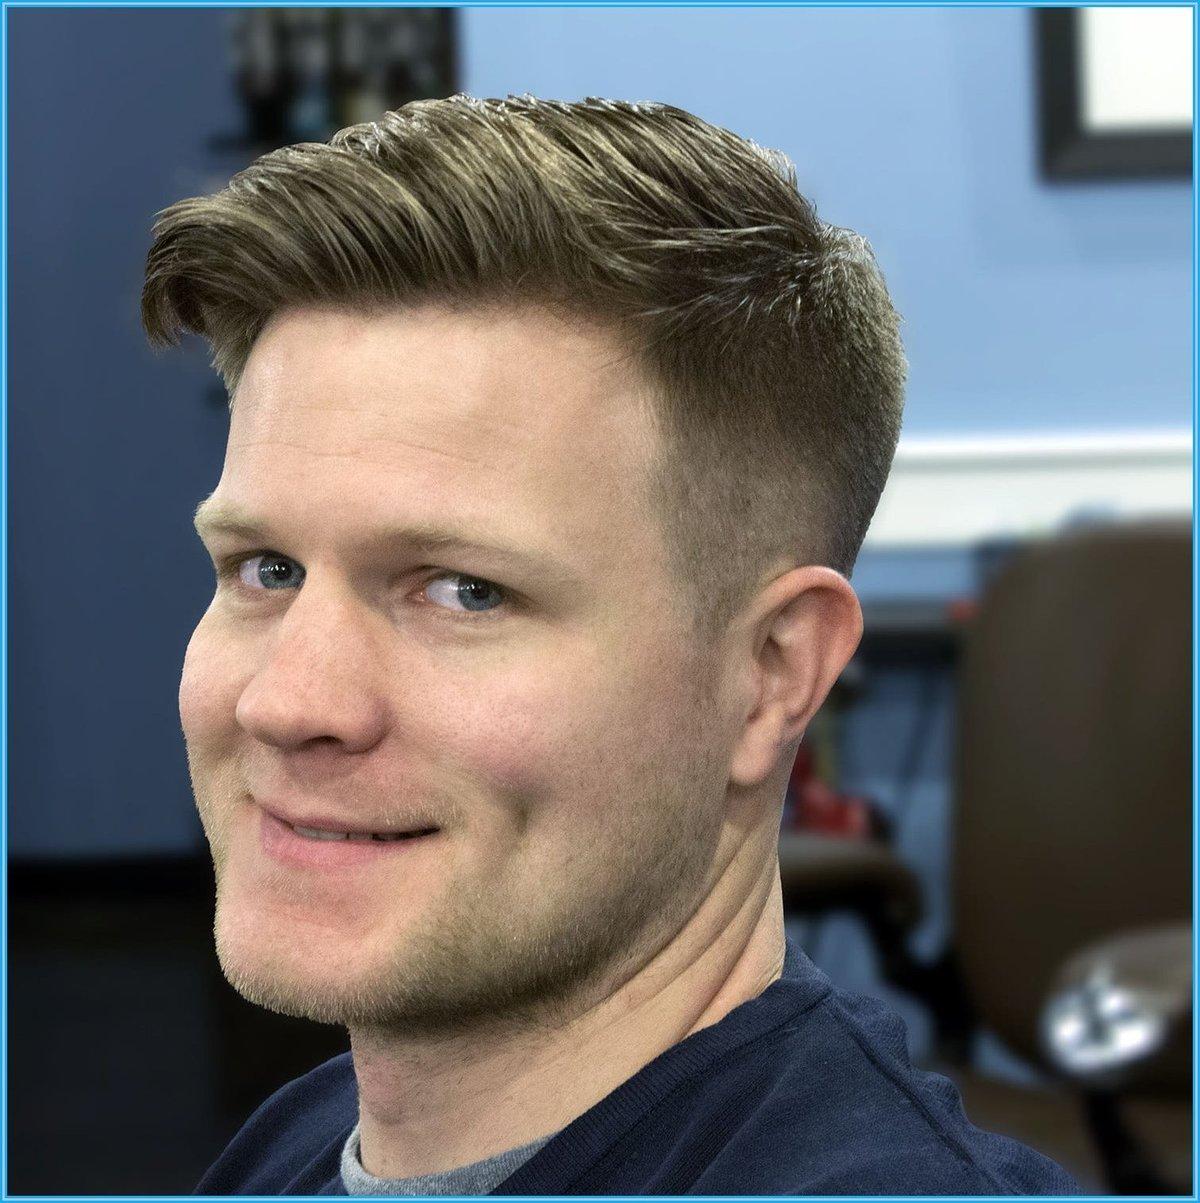 Как выглядит причёска бокс фото